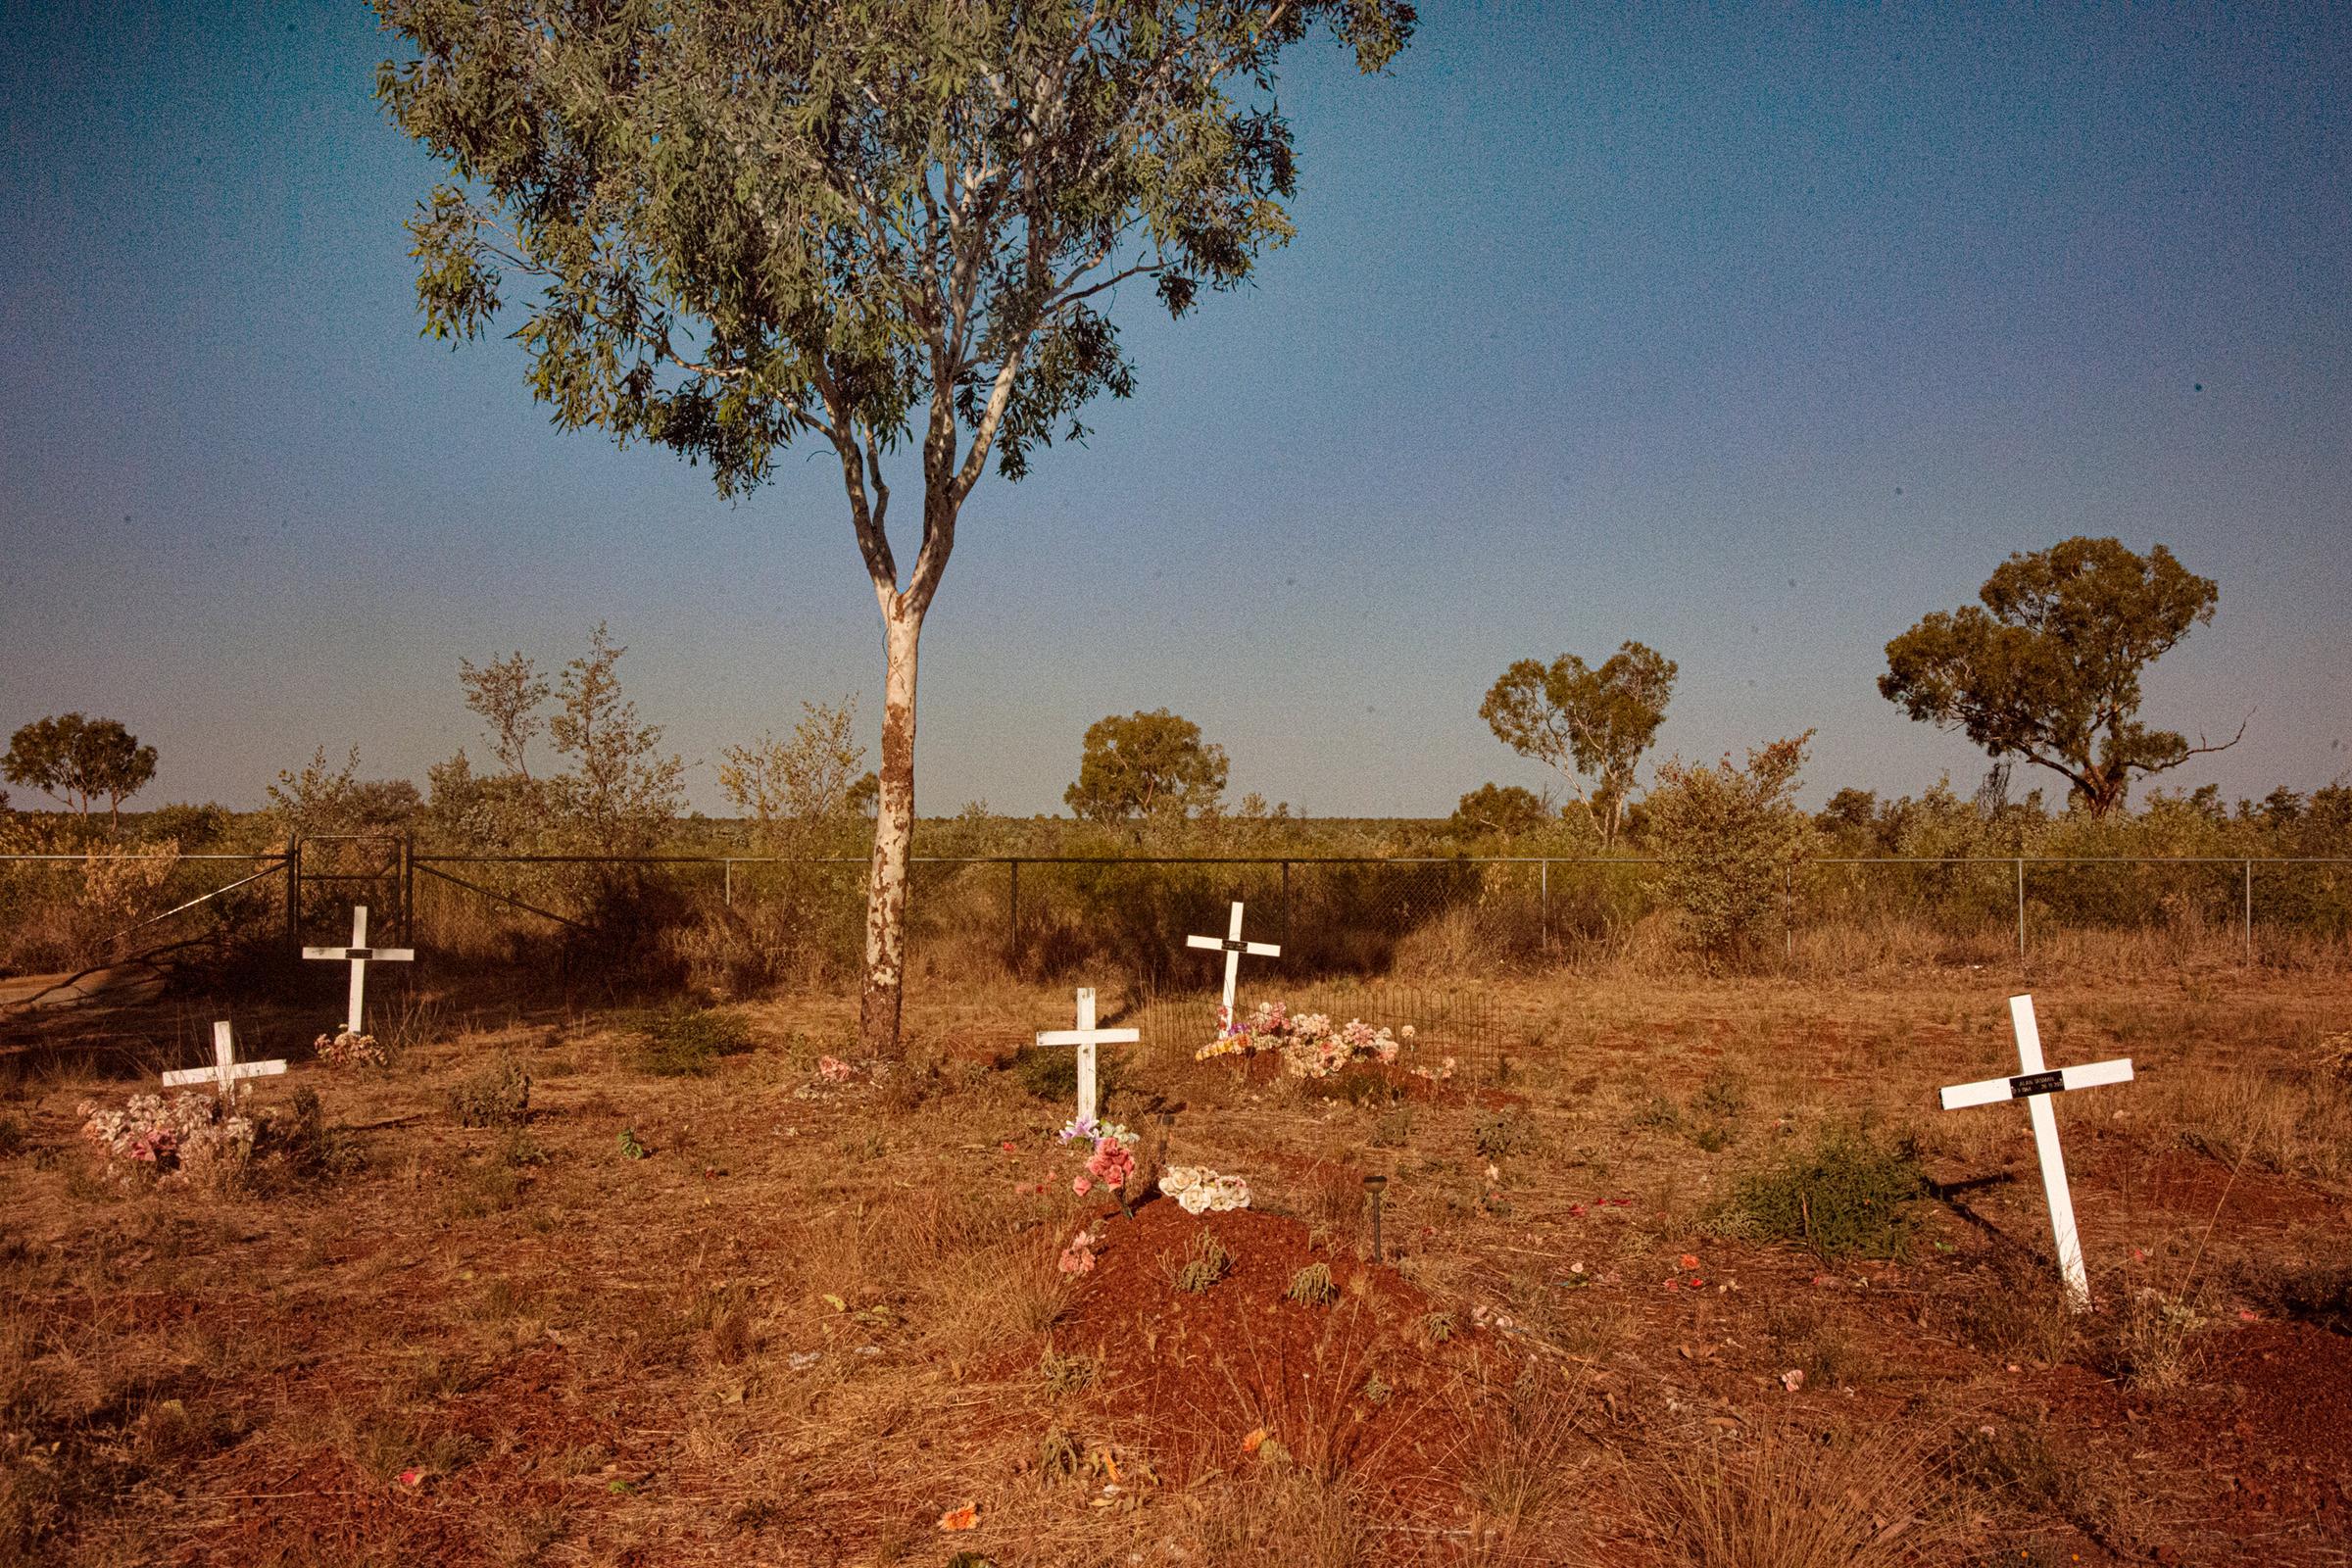 blm-australia-aboriginal-justice-03